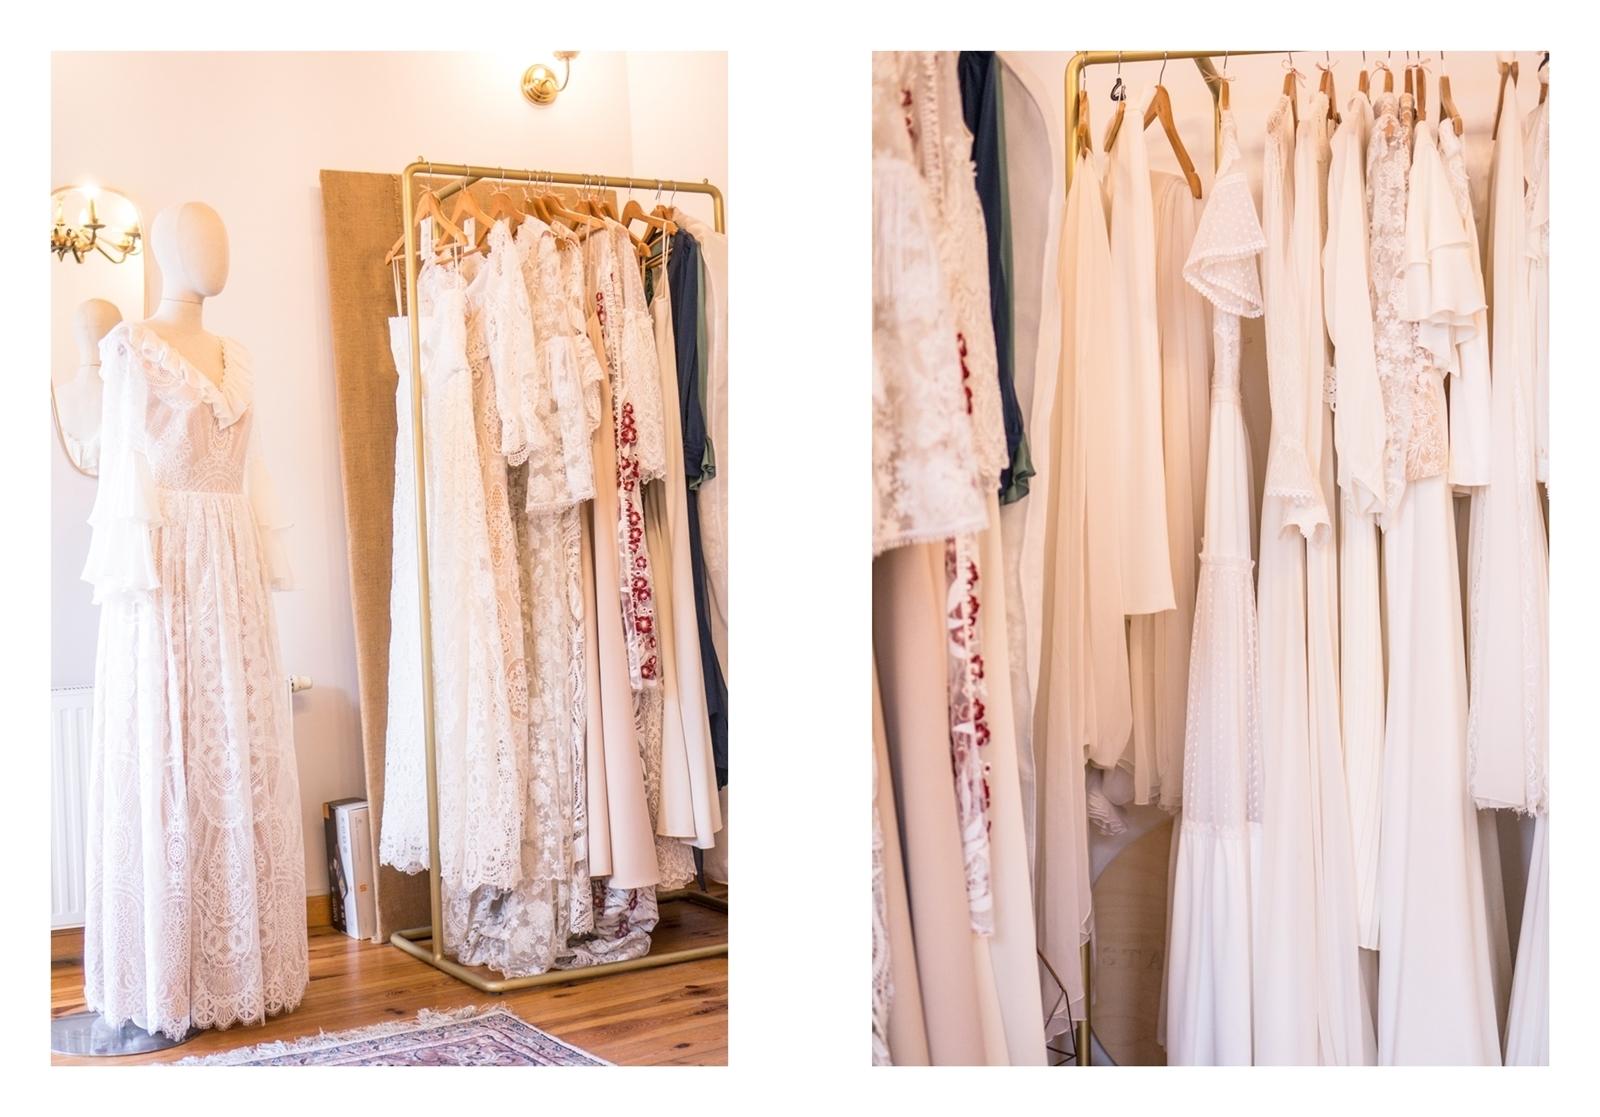 13 suknie ślubne poznan atelier stachowska pracownia sukienki opinie jak wyglądają stachowska pracownia ceny jakość gdzie zobaczyć sukienki ślubne poznań łódź warszawa